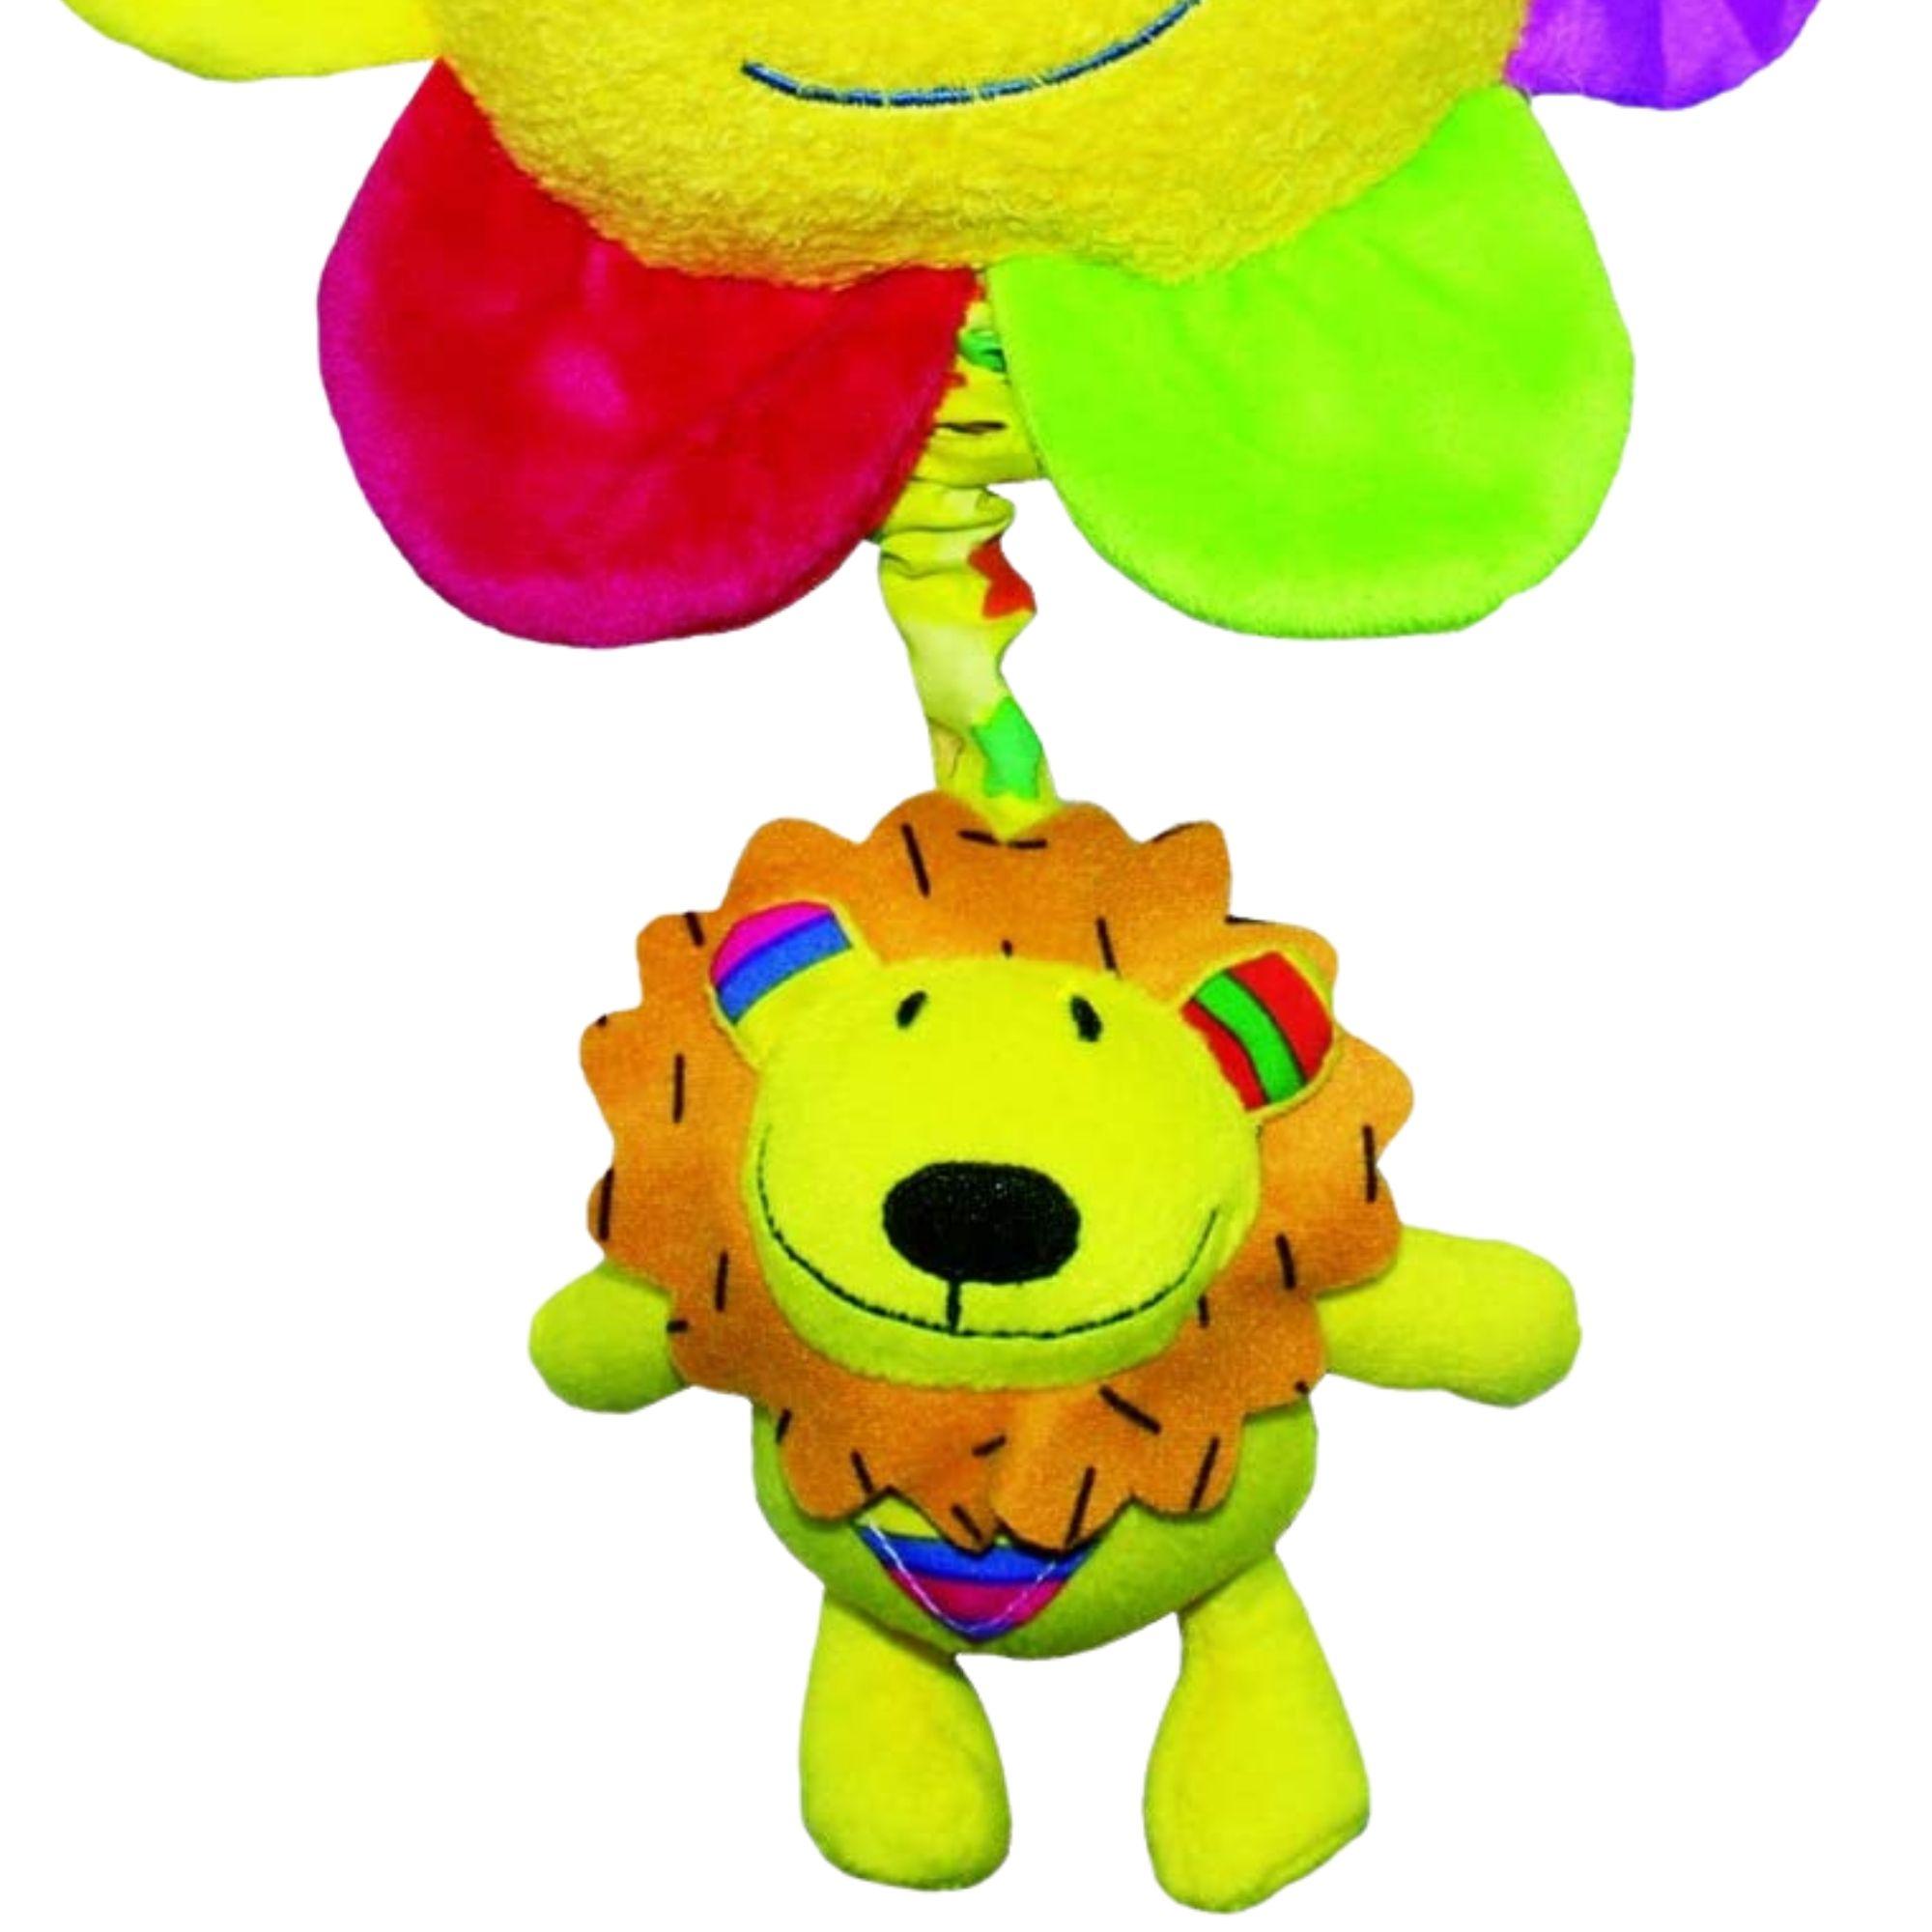 Brinquedo Móbile Musical Leãozinho com Flor Love  - Game Land Brinquedos